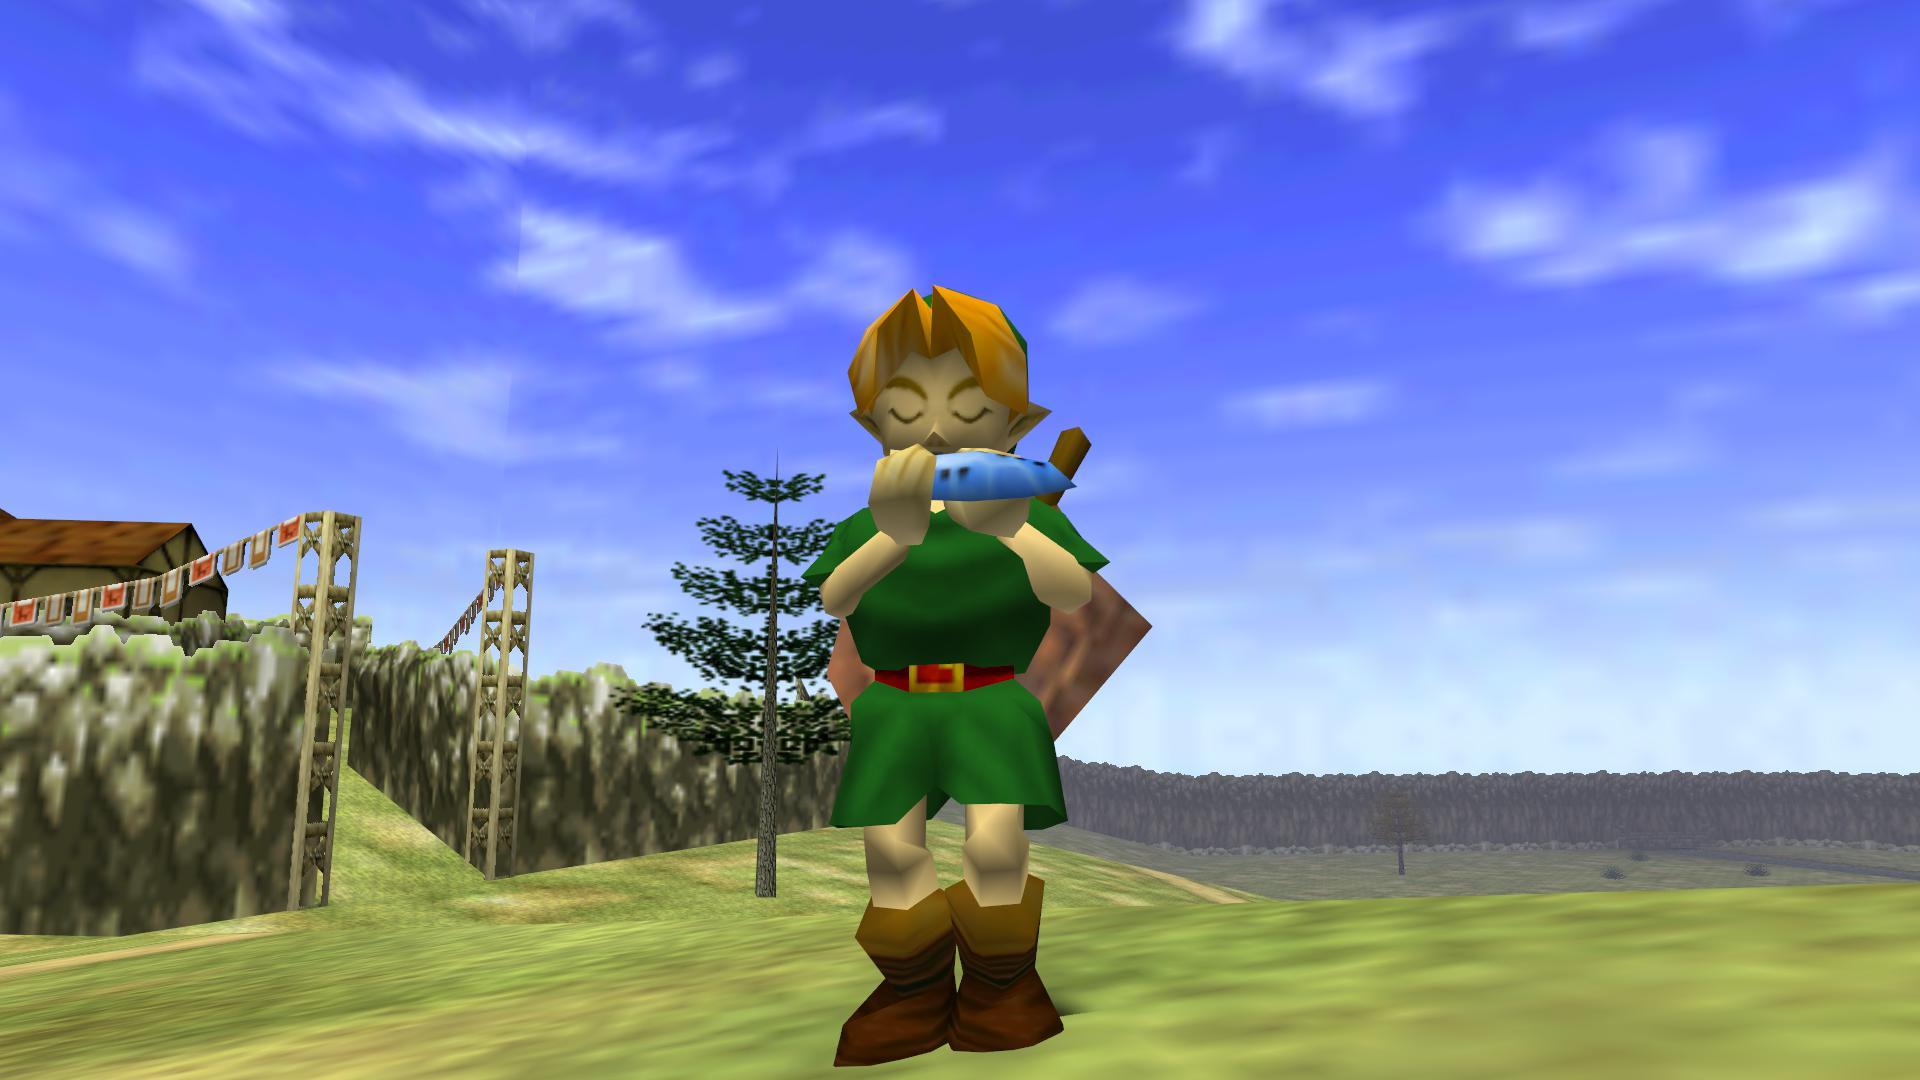 Willkommen auf ZeldaEurope Alles über leere Flaschen Selbst nach über 10 Jahren ist Ocarina of Time immer noch das beliebteste und berühmteste Zelda der Serie